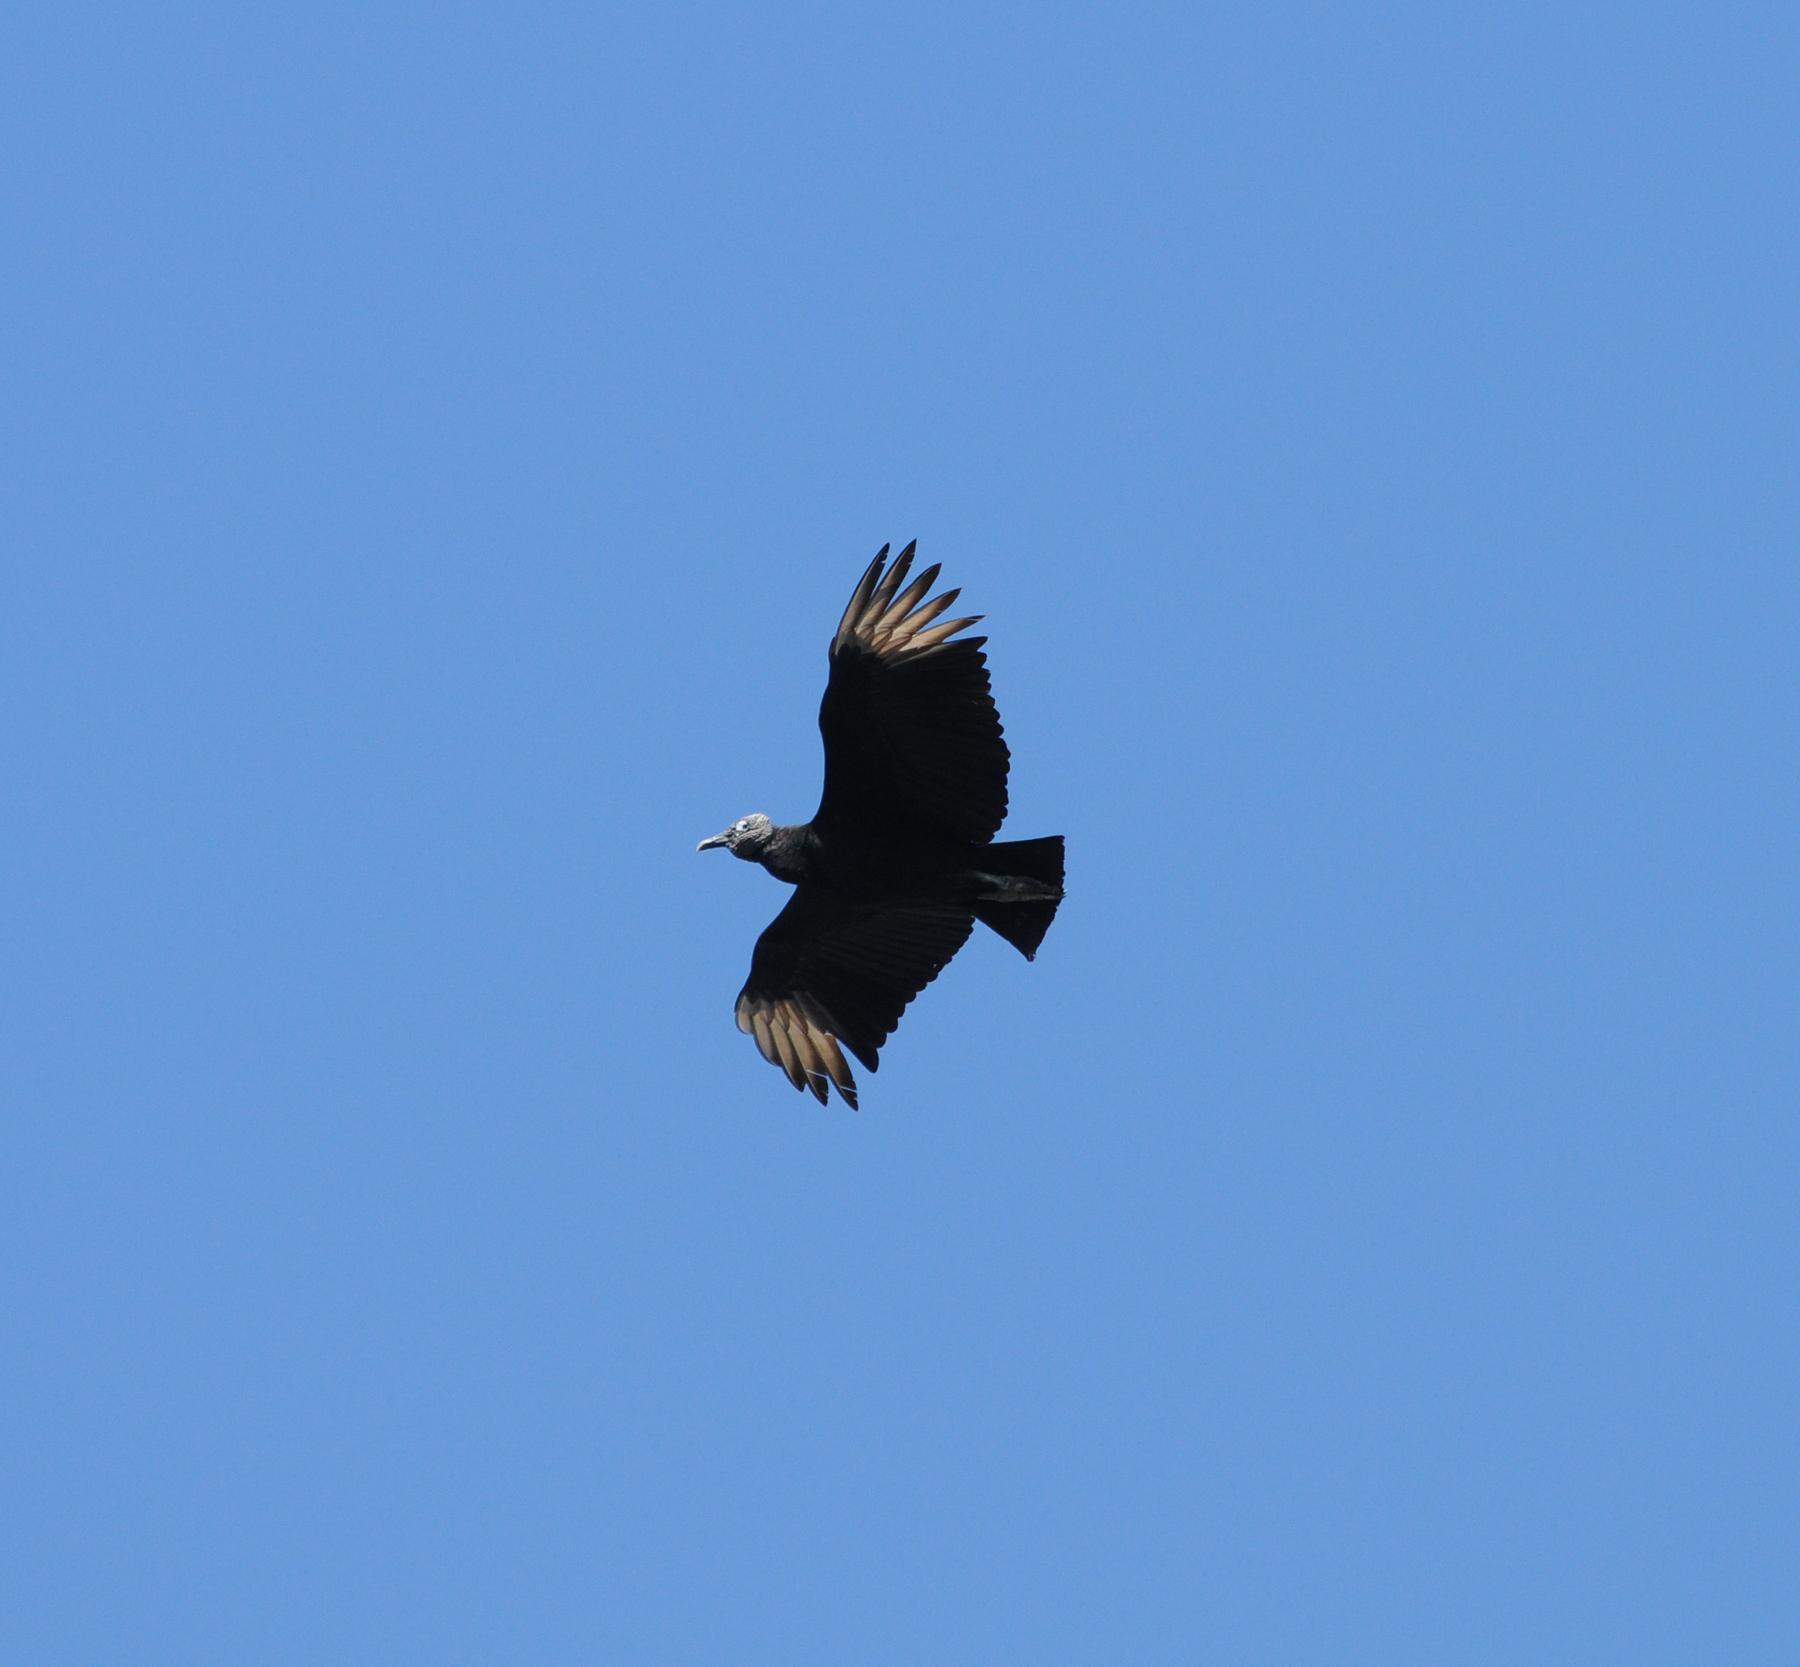 Black Vulture_5_El Sumidero